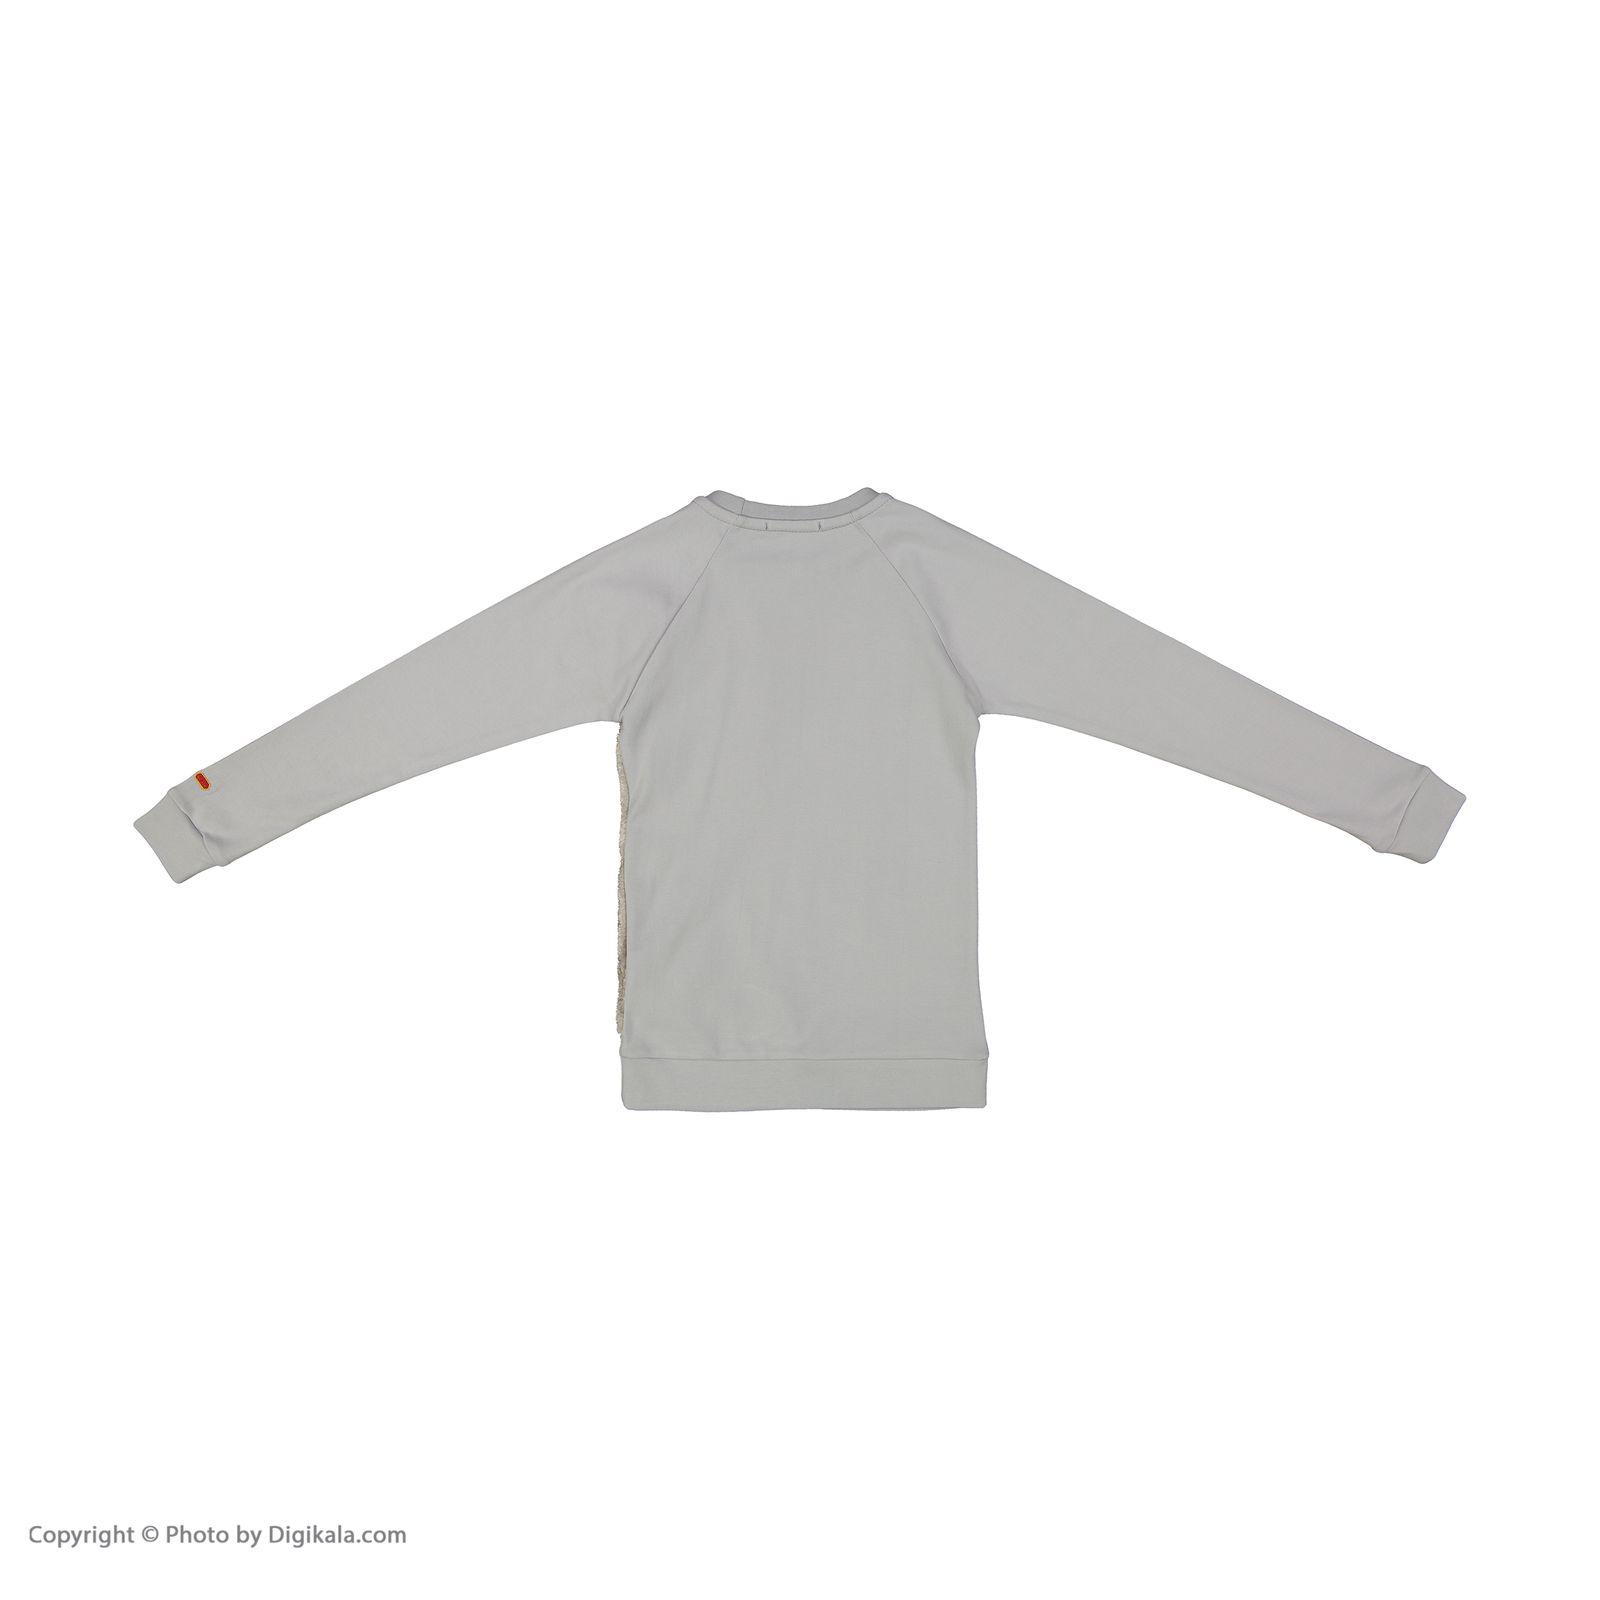 ست تی شرت و شلوار دخترانه مادر مدل SherryGray-93 main 1 3